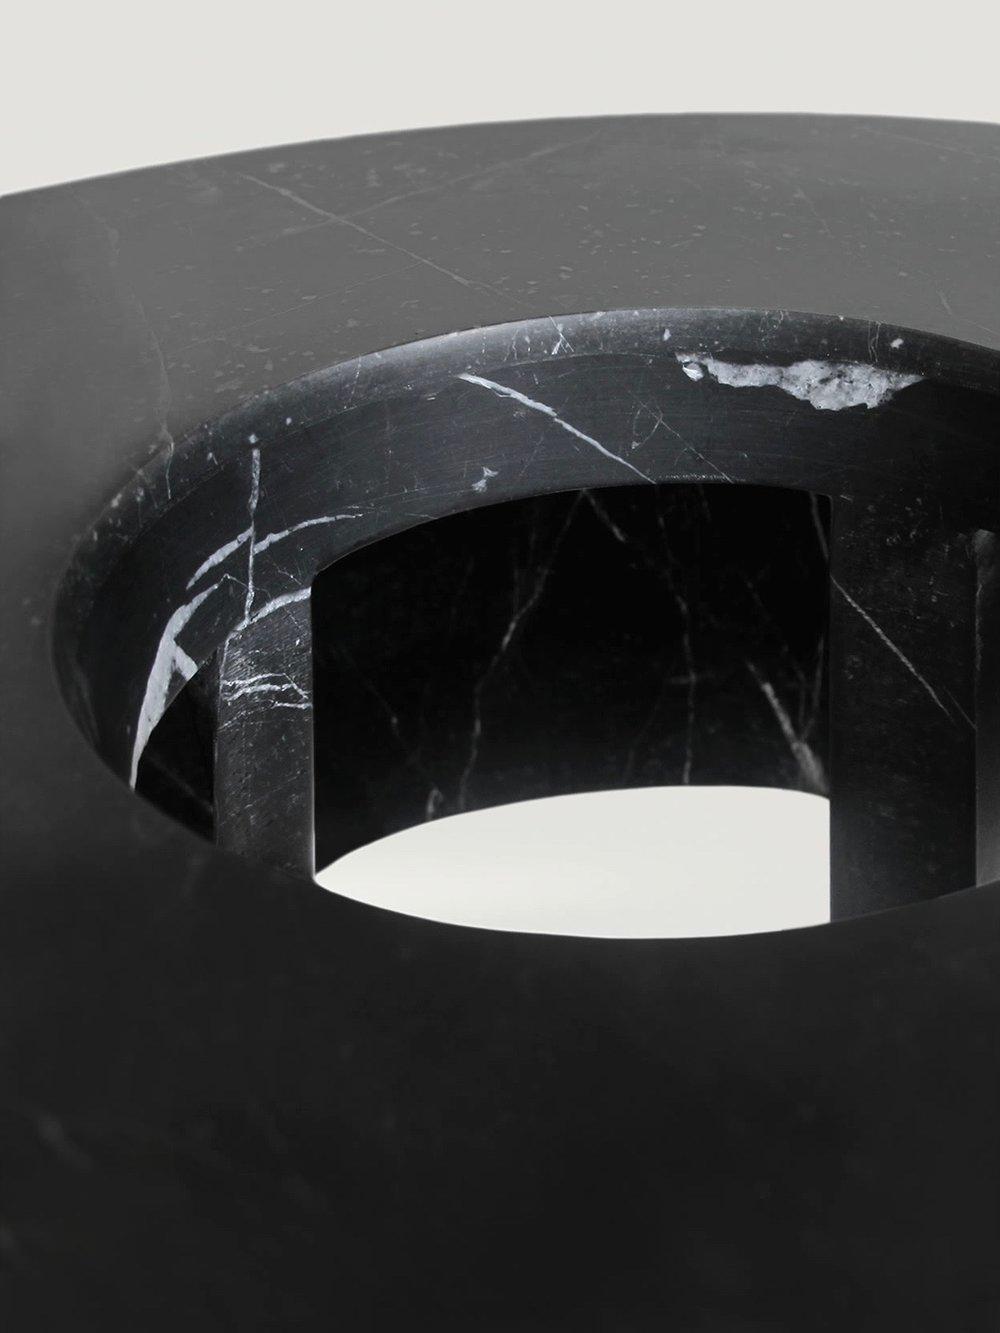 product-gillescaffier-table-lamps-LI079BA-1-1(1) 4.jpg